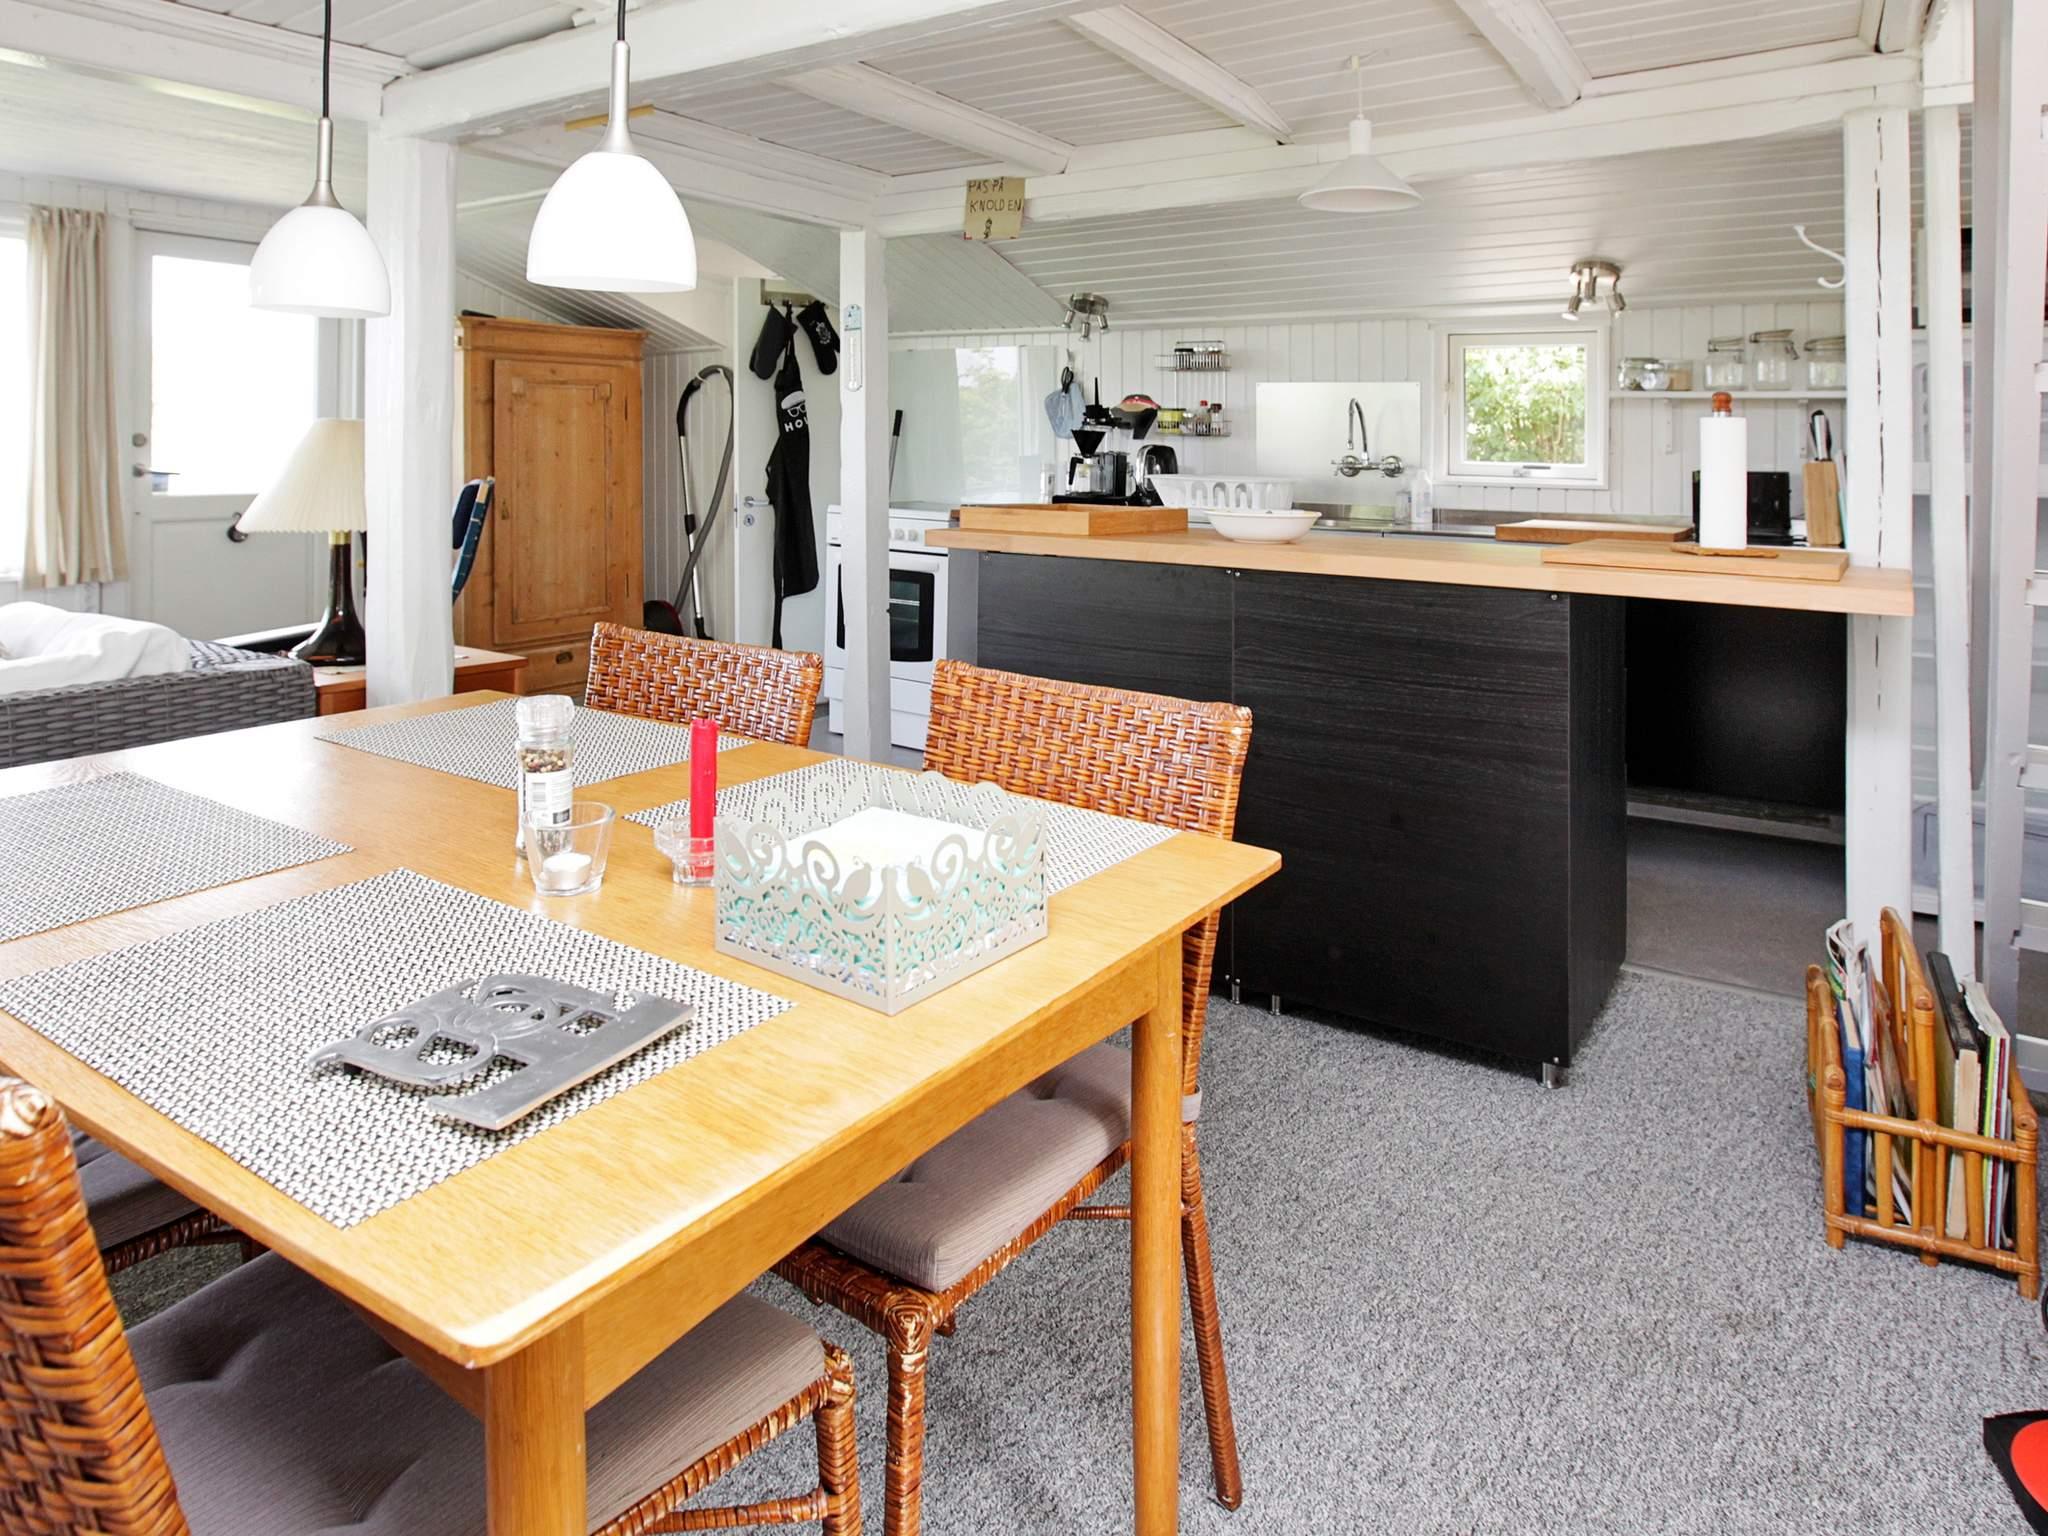 Ferienhaus Veddinge Bakker (83369), Asnæs, , Westseeland, Dänemark, Bild 5